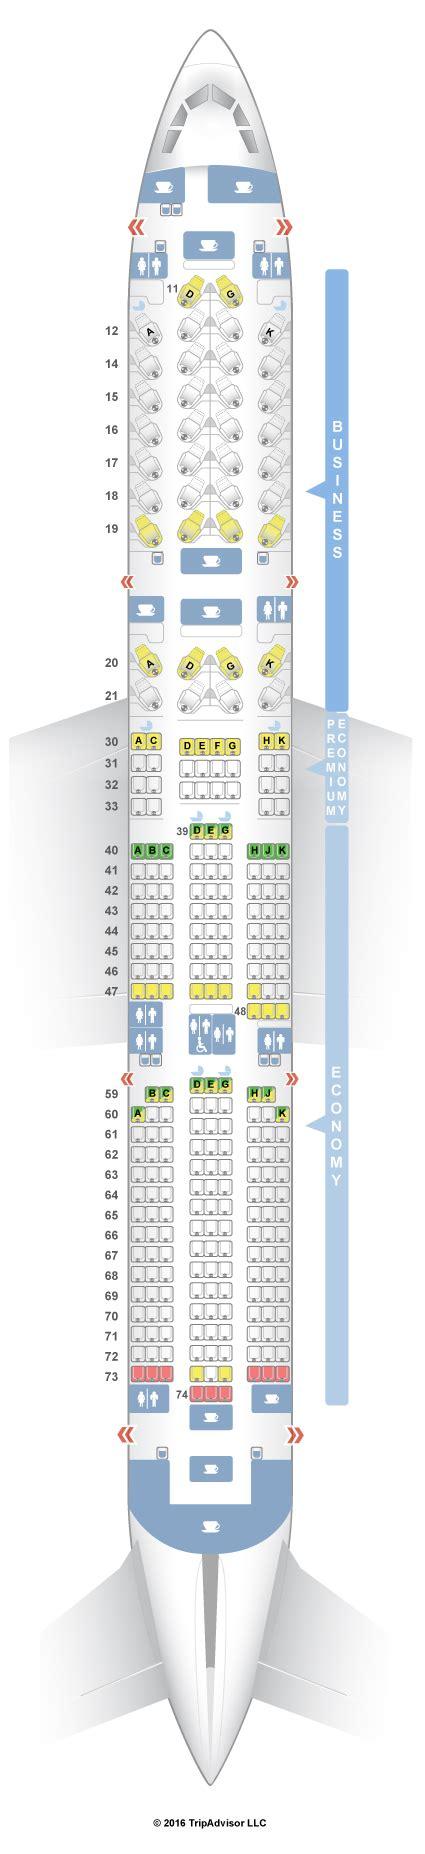 cathay pacific premium economy seat map seatguru seat map cathay pacific airbus a350 900 35g